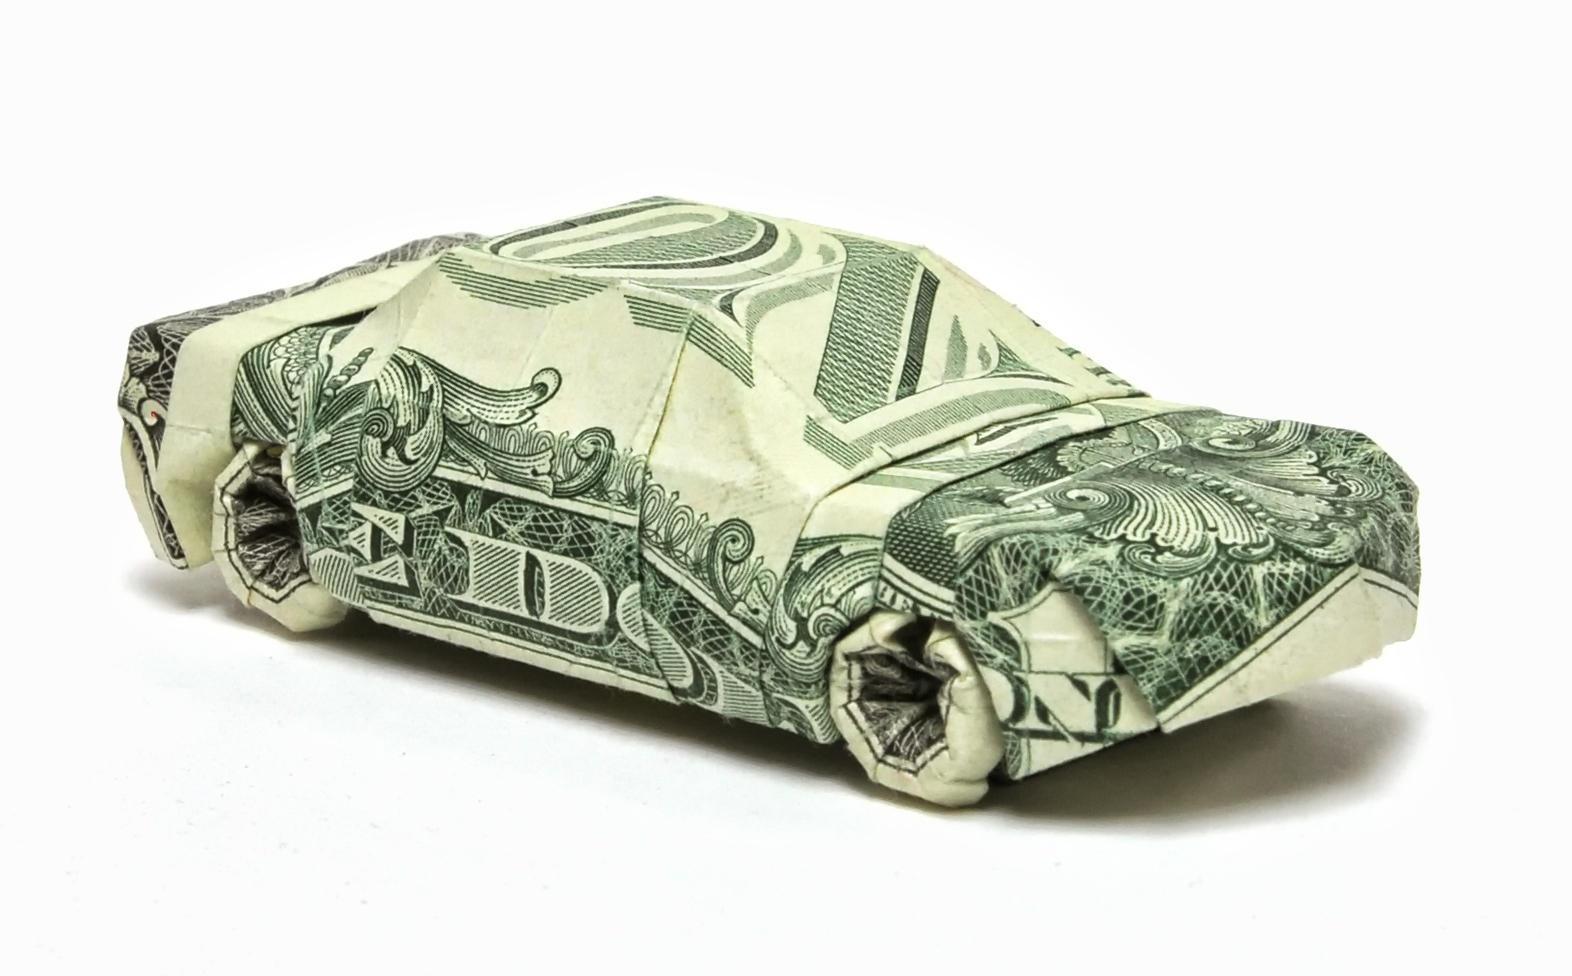 картинка на рабочий стол картинка машина из денег секретер